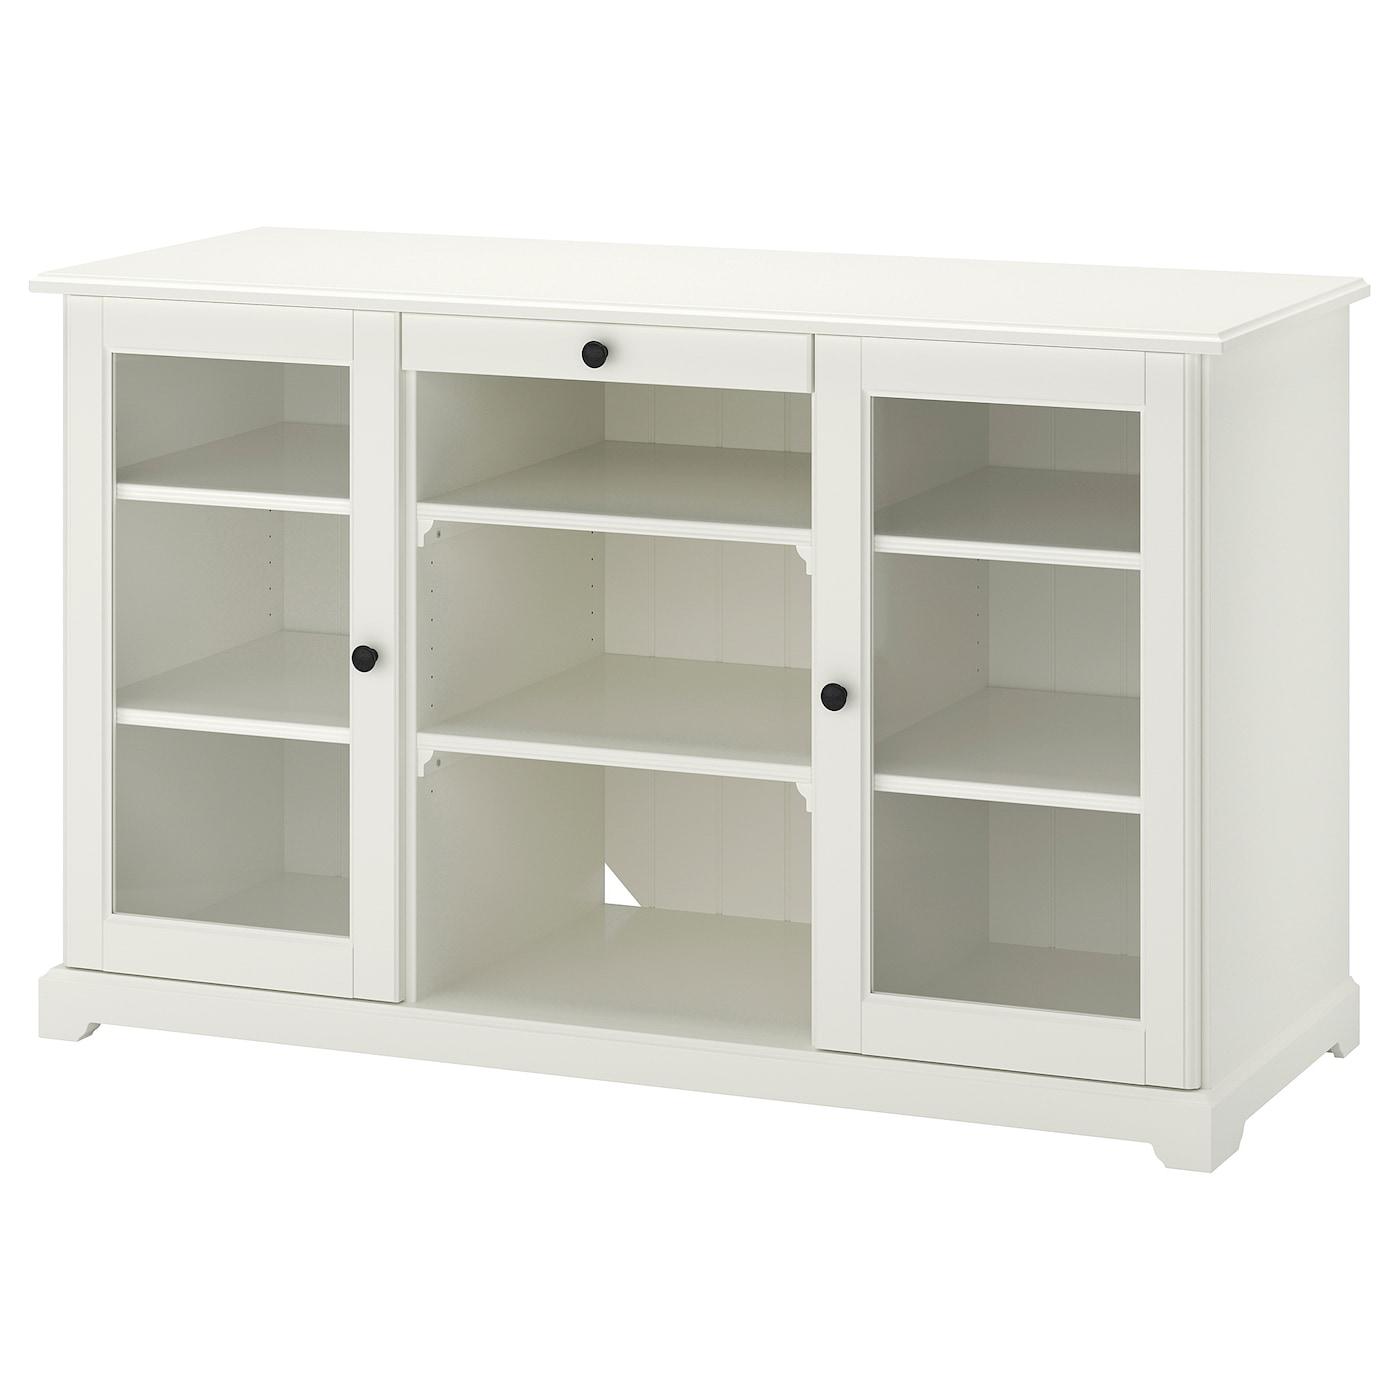 LIATORP Aparador Blanco 145 x 87 cm - IKEA